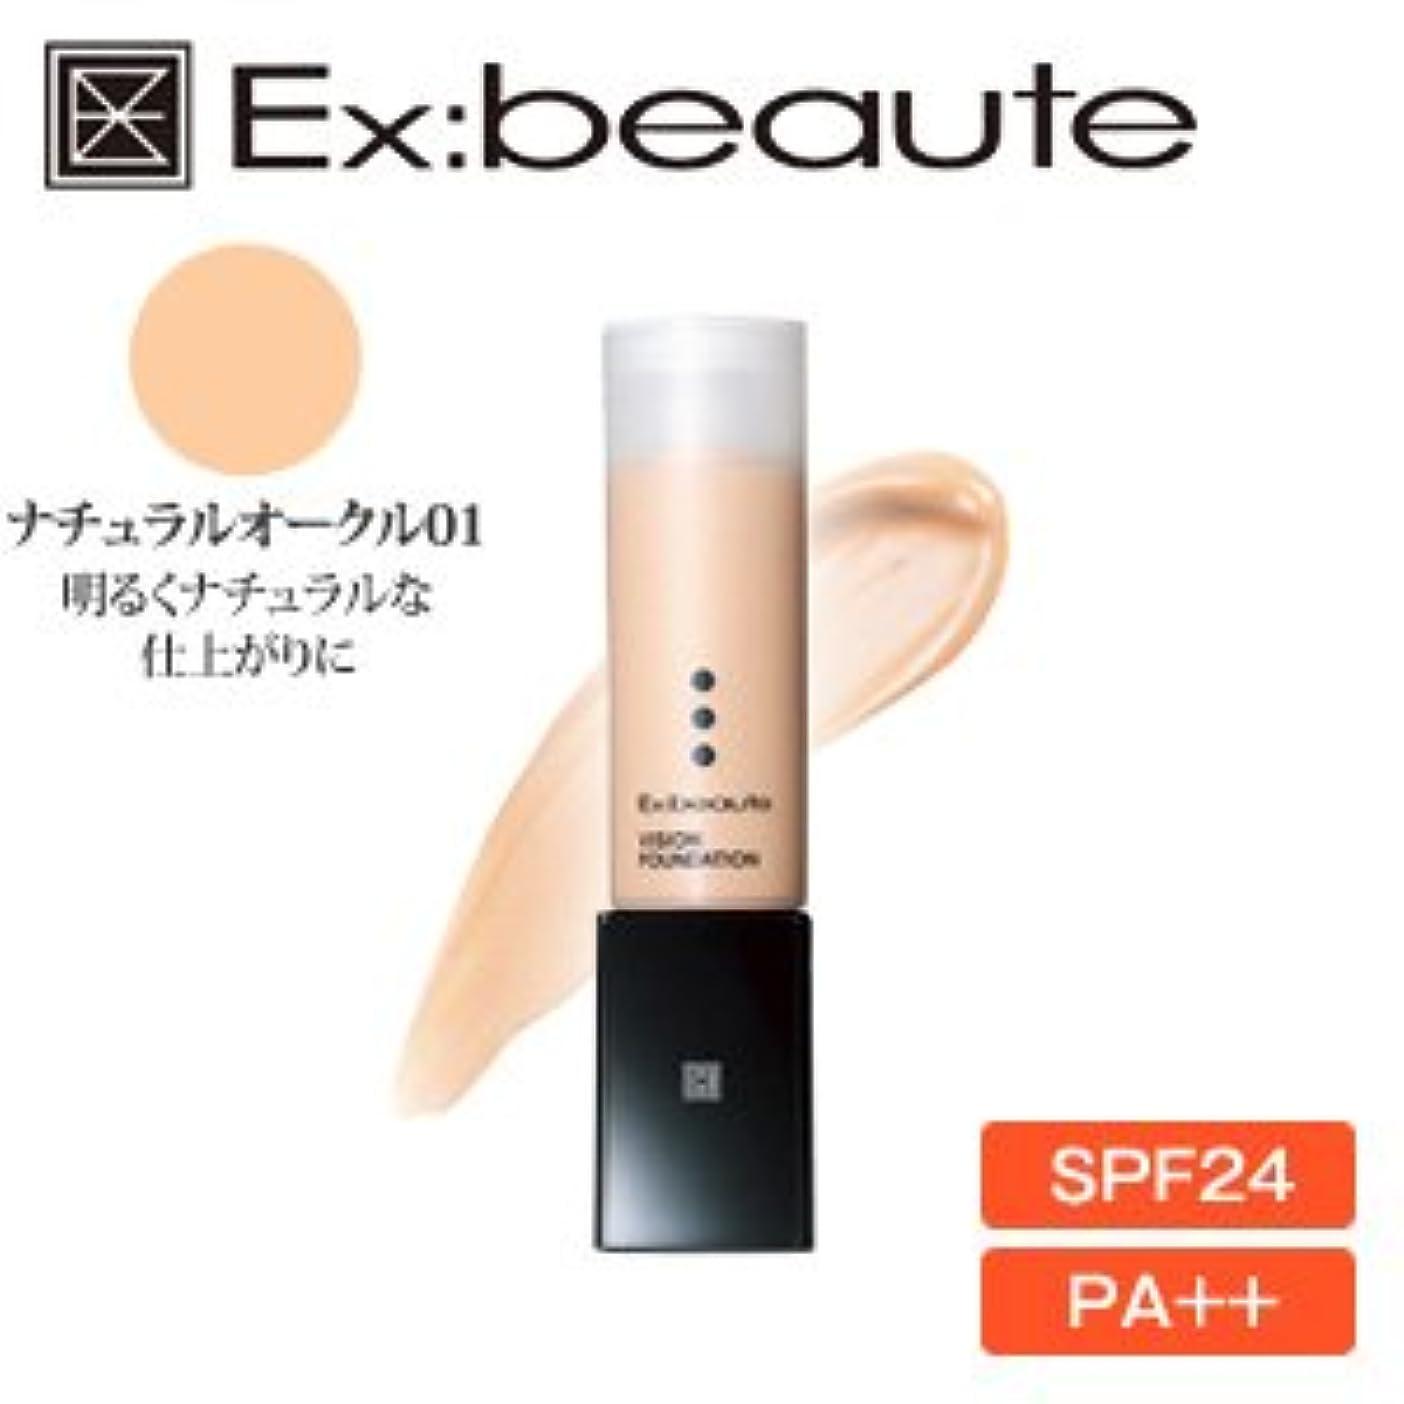 損失不幸虚弱Ex:beaute (エクスボーテ) ビジョンファンデーション リキッドモイストタイプ ナチュラルオークル01